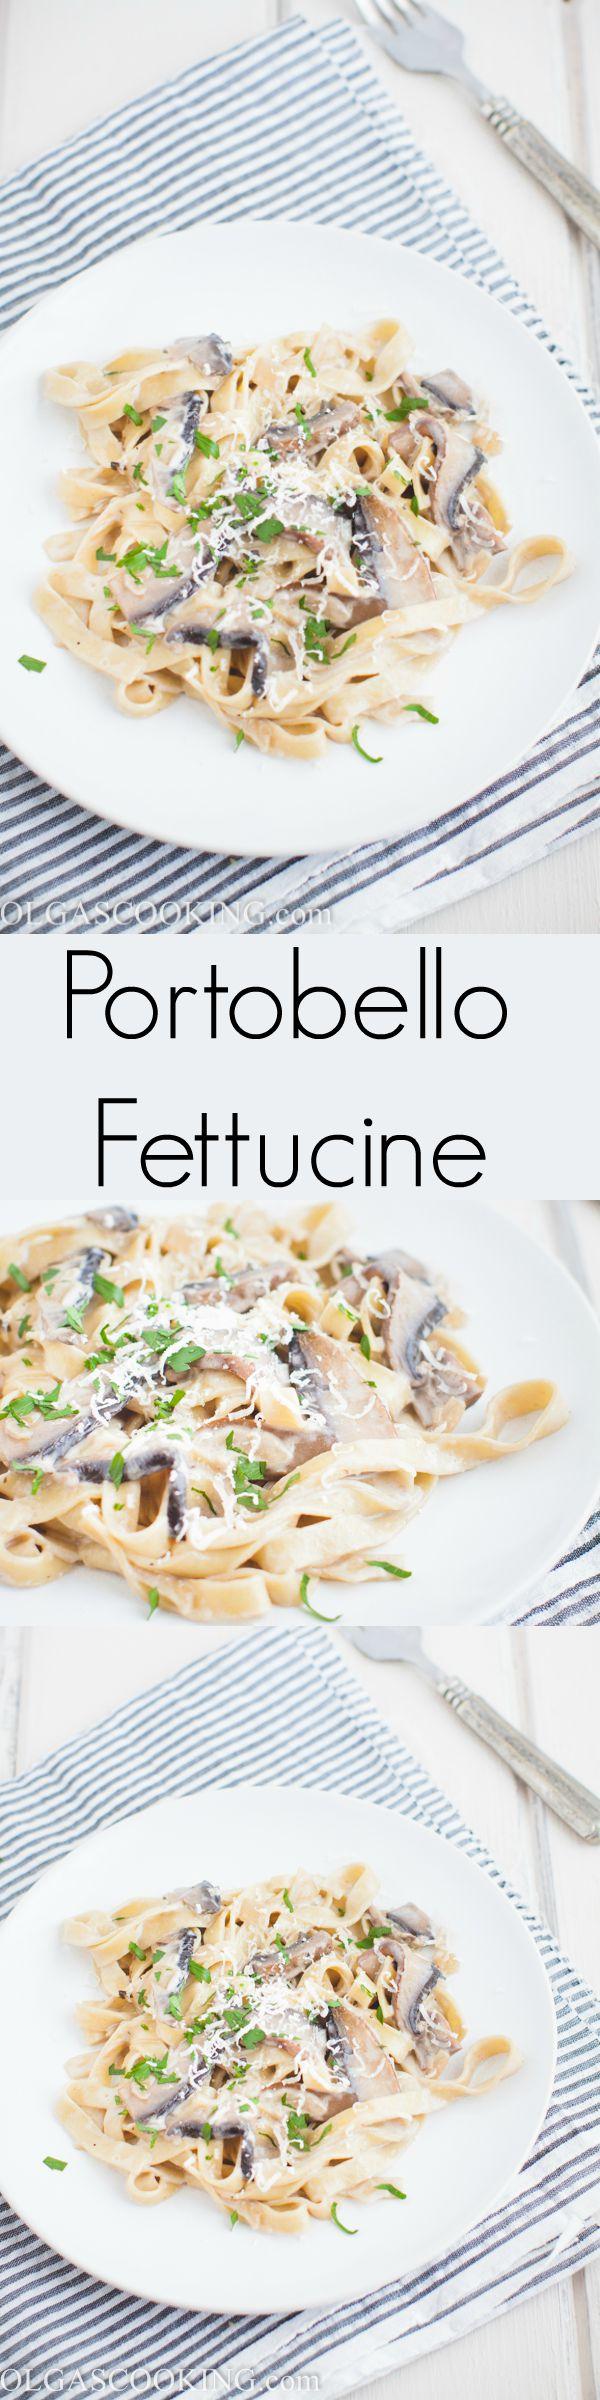 Easy and quick Portobello Fettuccine recipe